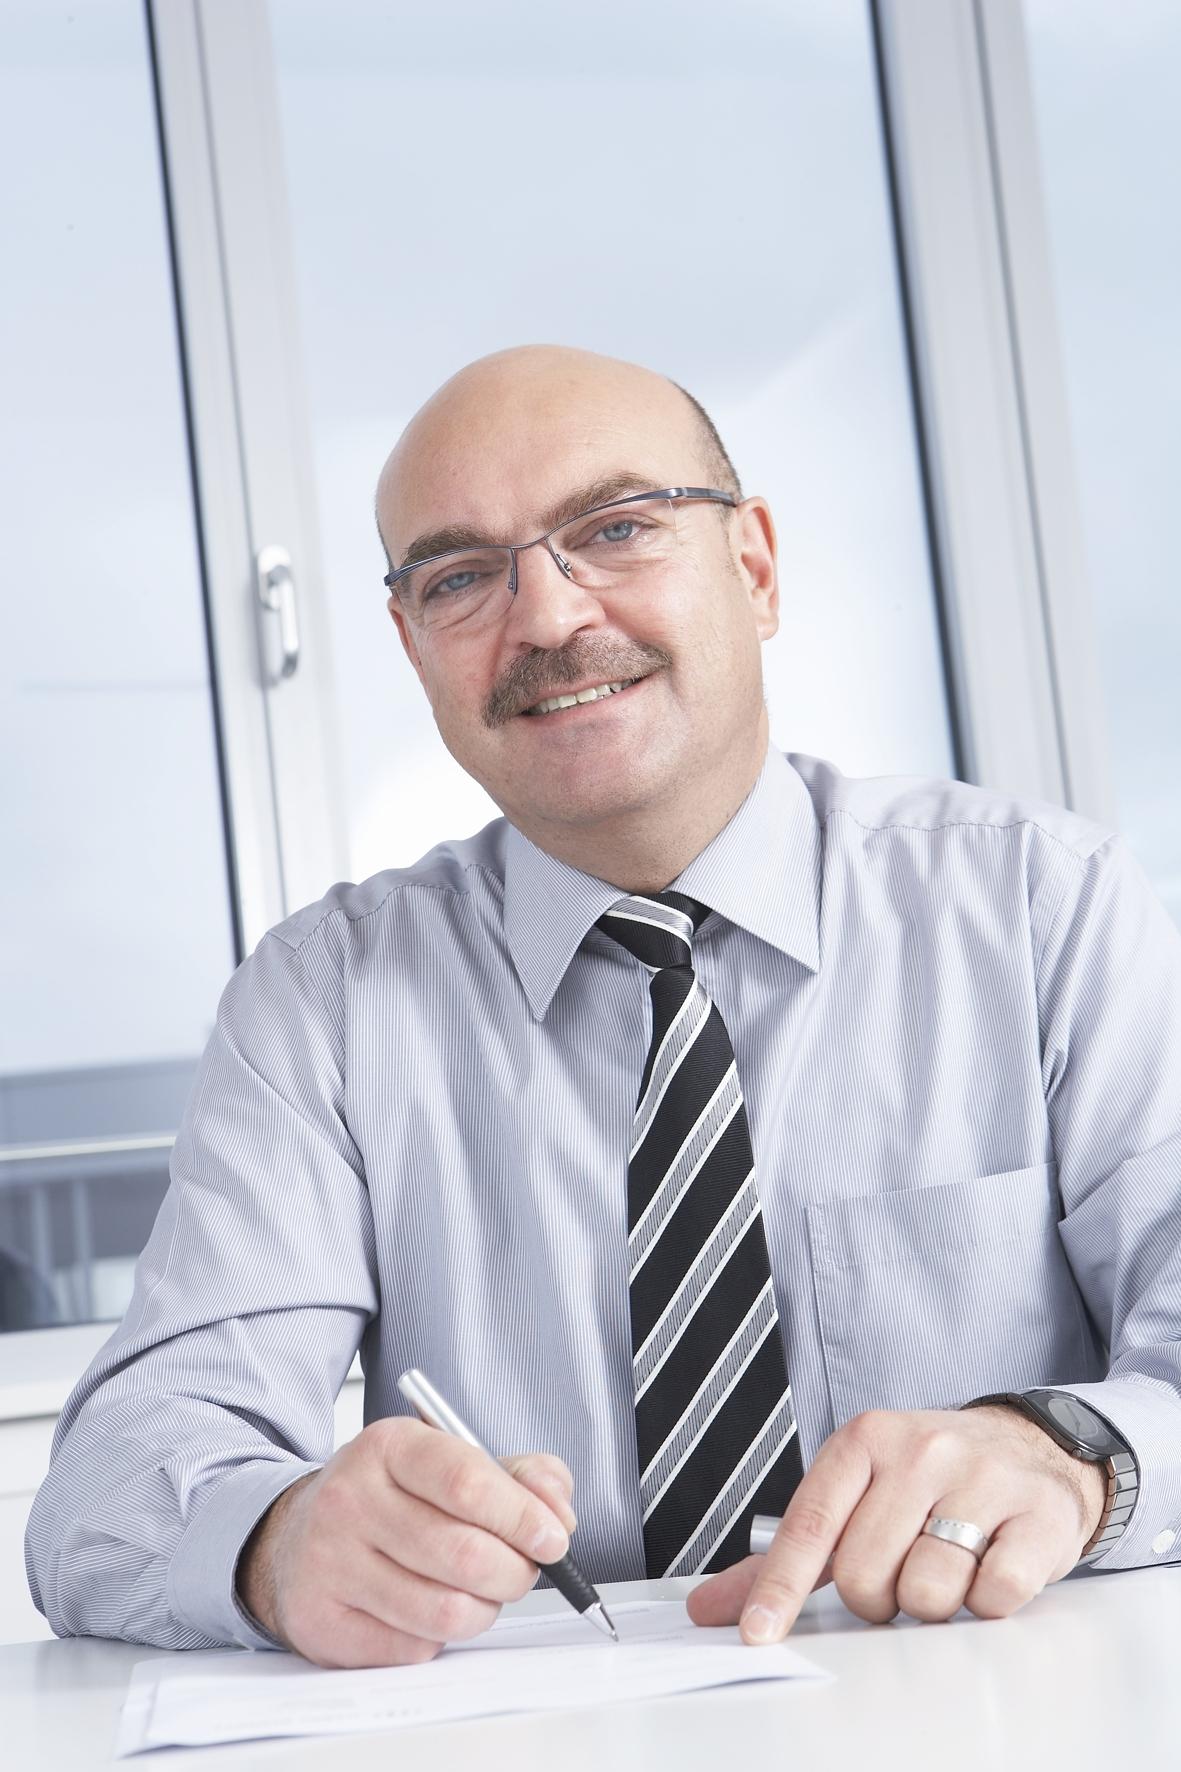 """Telering-Geschäftsführer Franz Schnur zieht Bilanz: """"Die vielen Vorteile der Digitalisierung zeigen sich jetzt in der Corona-Krise ganz deutlich."""""""